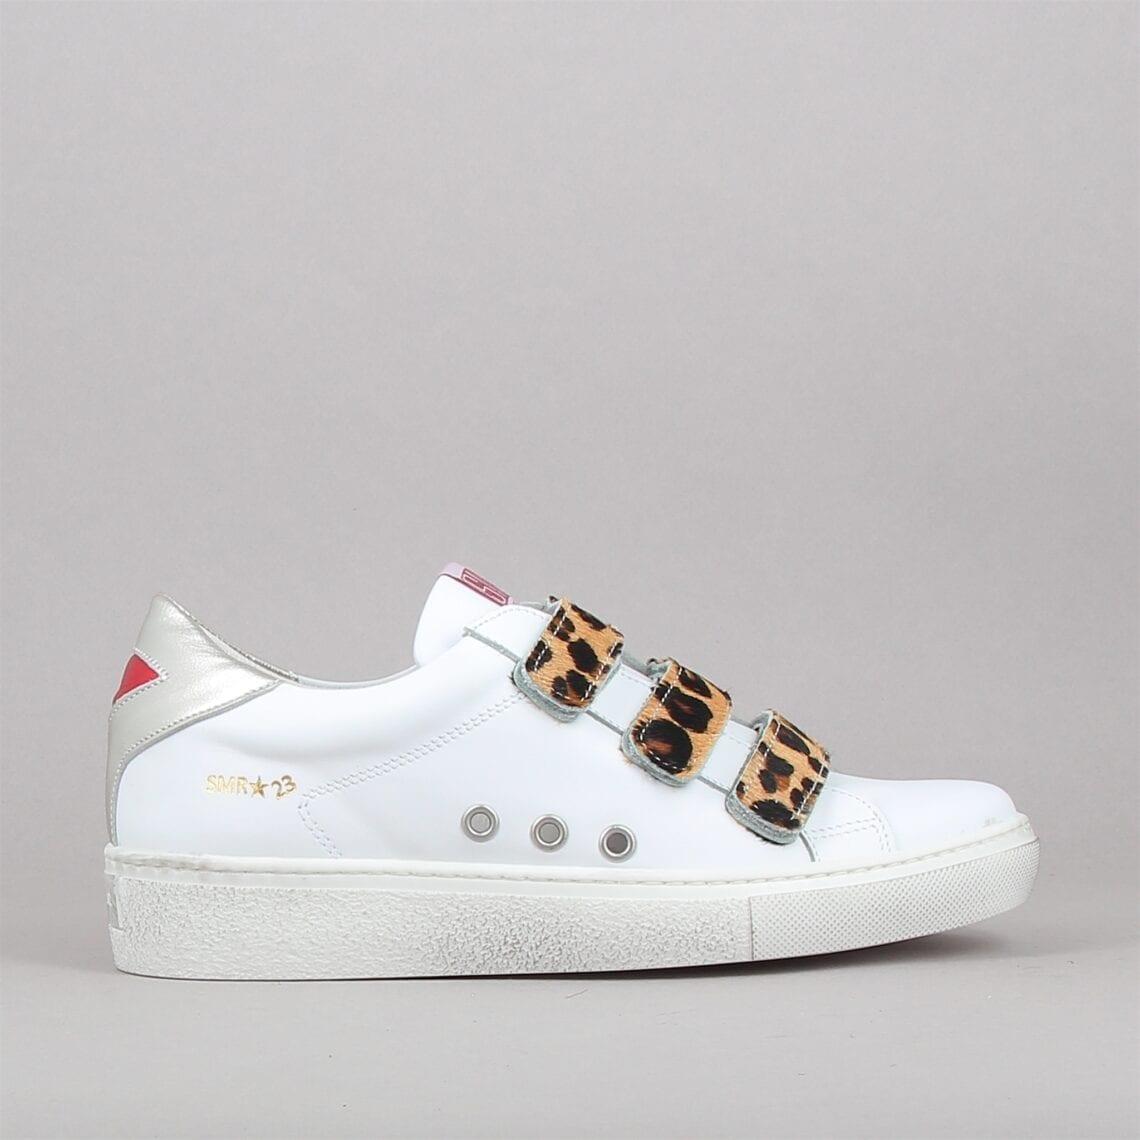 Baskets mode femme blanches et scratchs motifs léopard marque Semerdjian